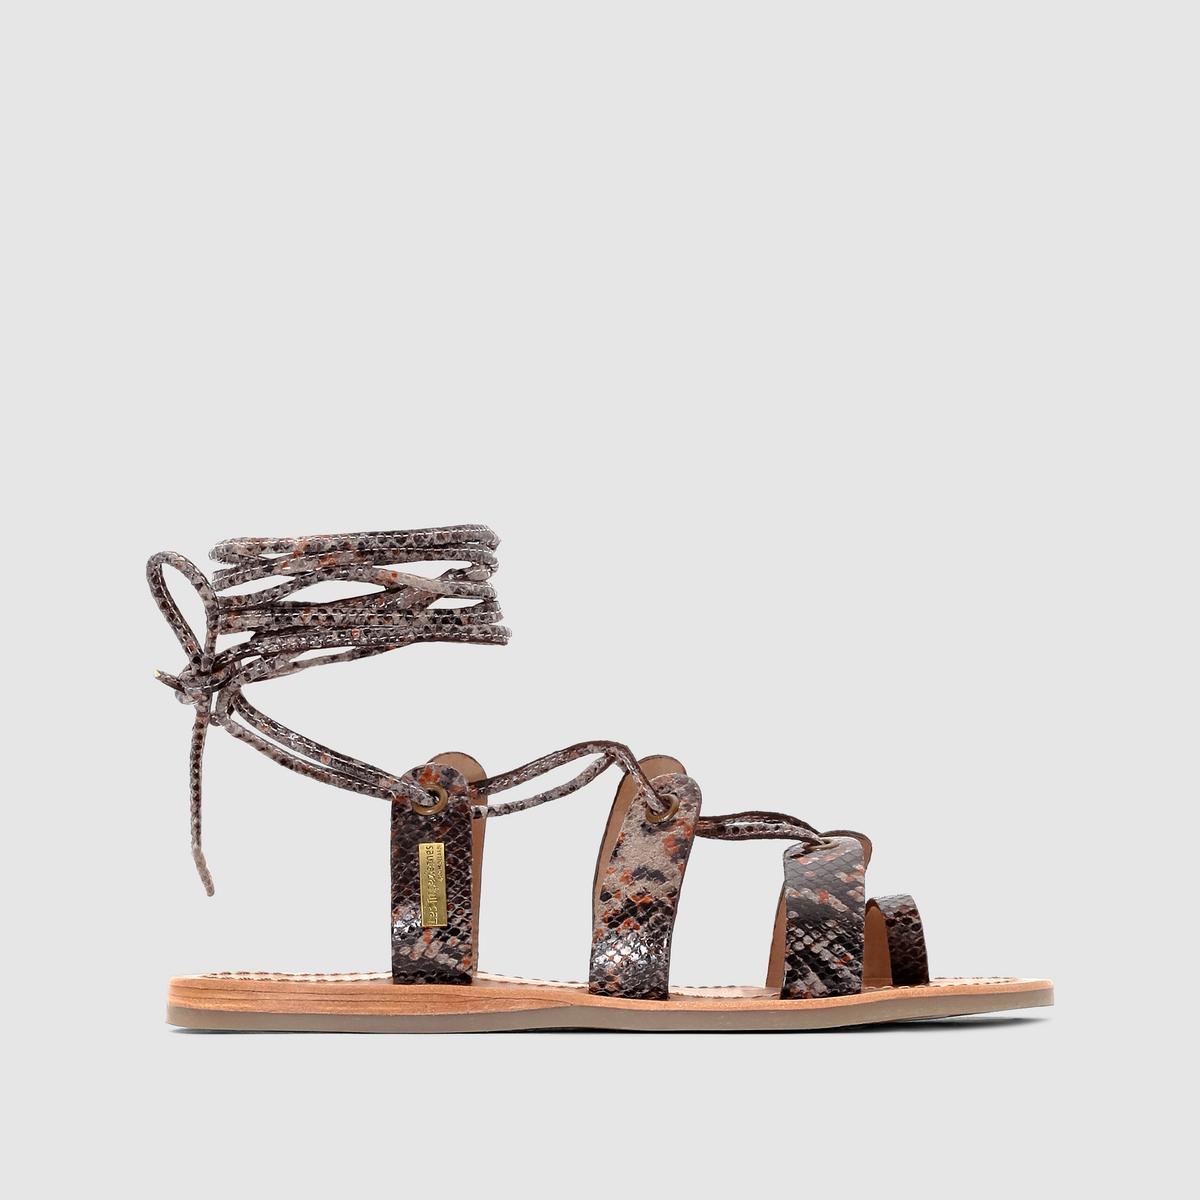 Сандалии из кожи Bird, со шнуровкой на щиколотке и плоской подошвойСандалии плоские со шнуровкой на щиколотке, модель Bird - Les Trop?ziennes par M. BELARBI.Верх : бычья кожаПодкладка : кожа.Стелька : кожа.Подошва : синтетикаЗастежка : Ремешок со шнуровкой на щиколотке 3 широких ремешка сверху, шнуровка, деликатно оплетающая лодыжку, кожа высокого качества под рептилию ... Вы будете выглядеть естественно и сексуально этим летом !<br><br>Цвет: каштановый/ящерица<br>Размер: 37